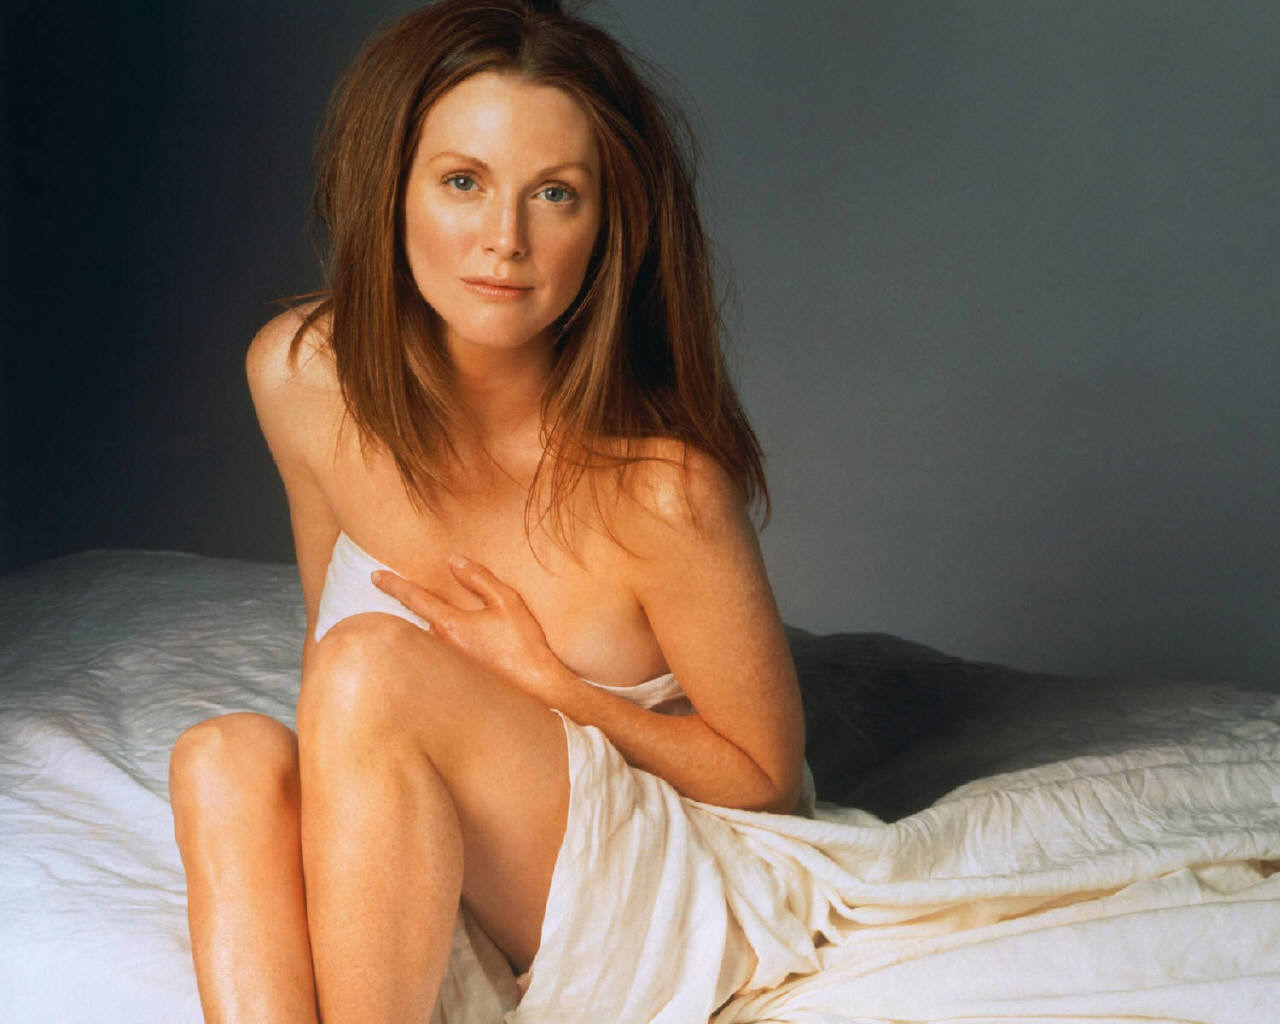 http://3.bp.blogspot.com/-NzCn0DbT19I/TaghnSre8LI/AAAAAAAADEU/XY-ODQ-cUbU/s1600/Julianne-Moore-julianne-moore-253334_1280_1024.jpg